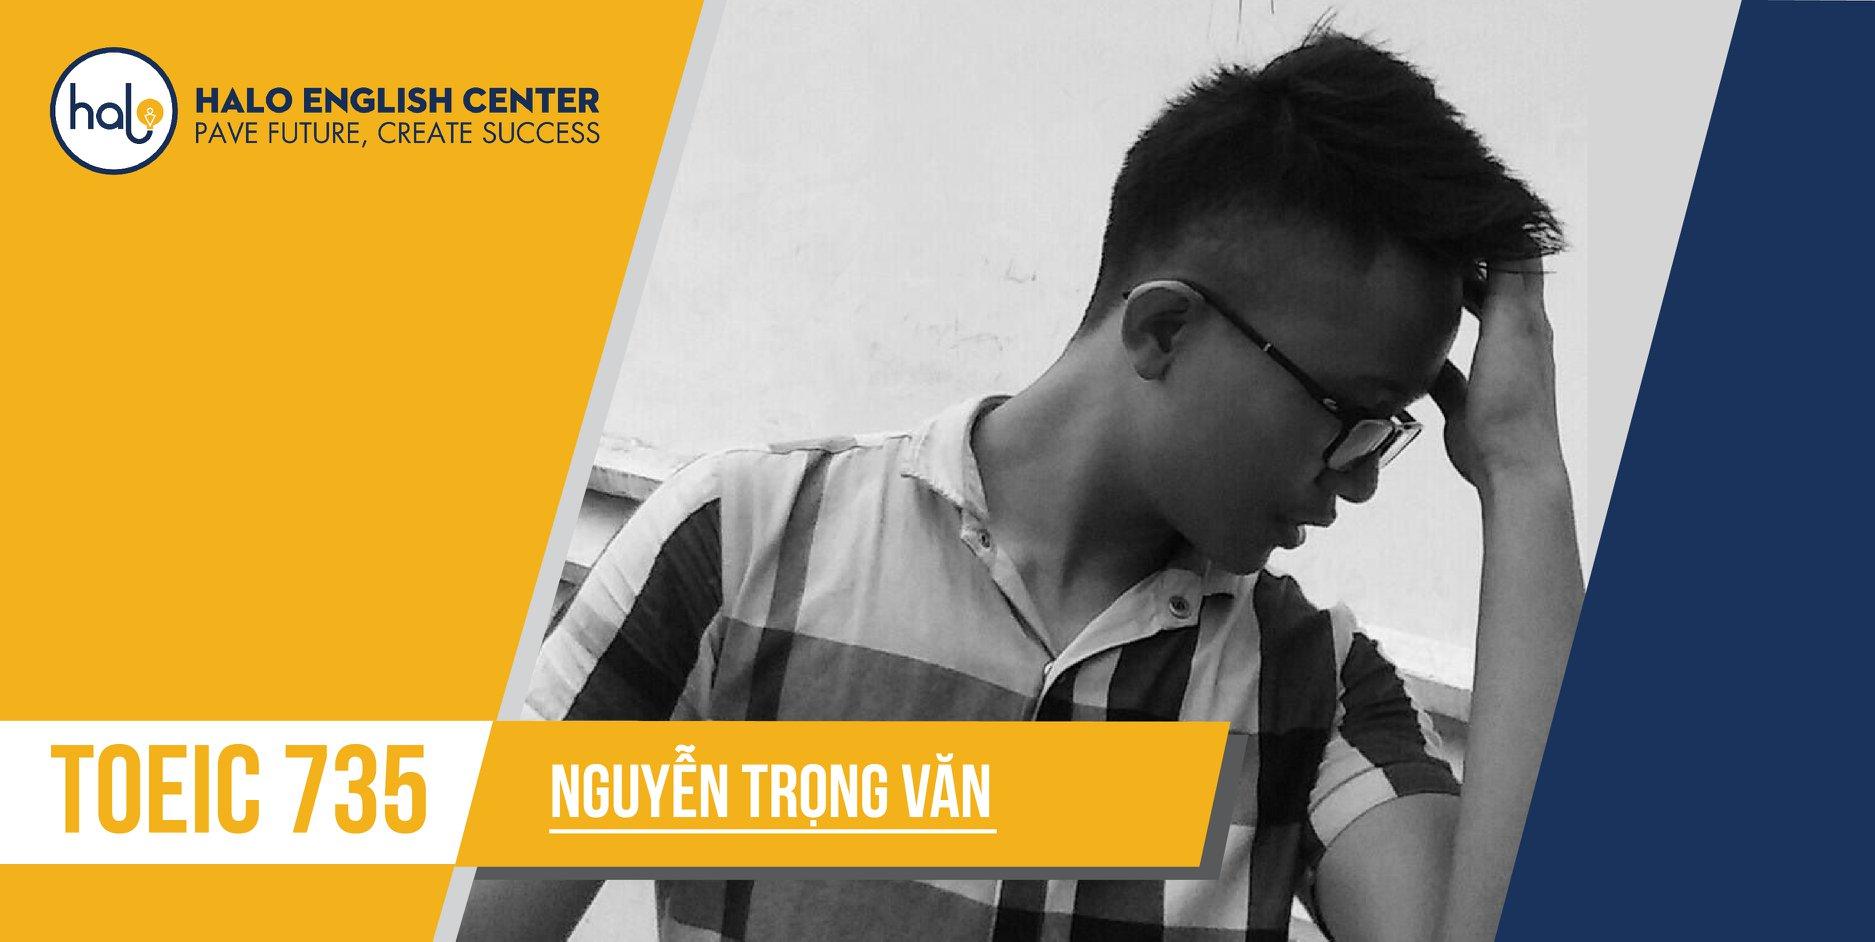 Nguyen Trong Van TOEIC 735 feedback